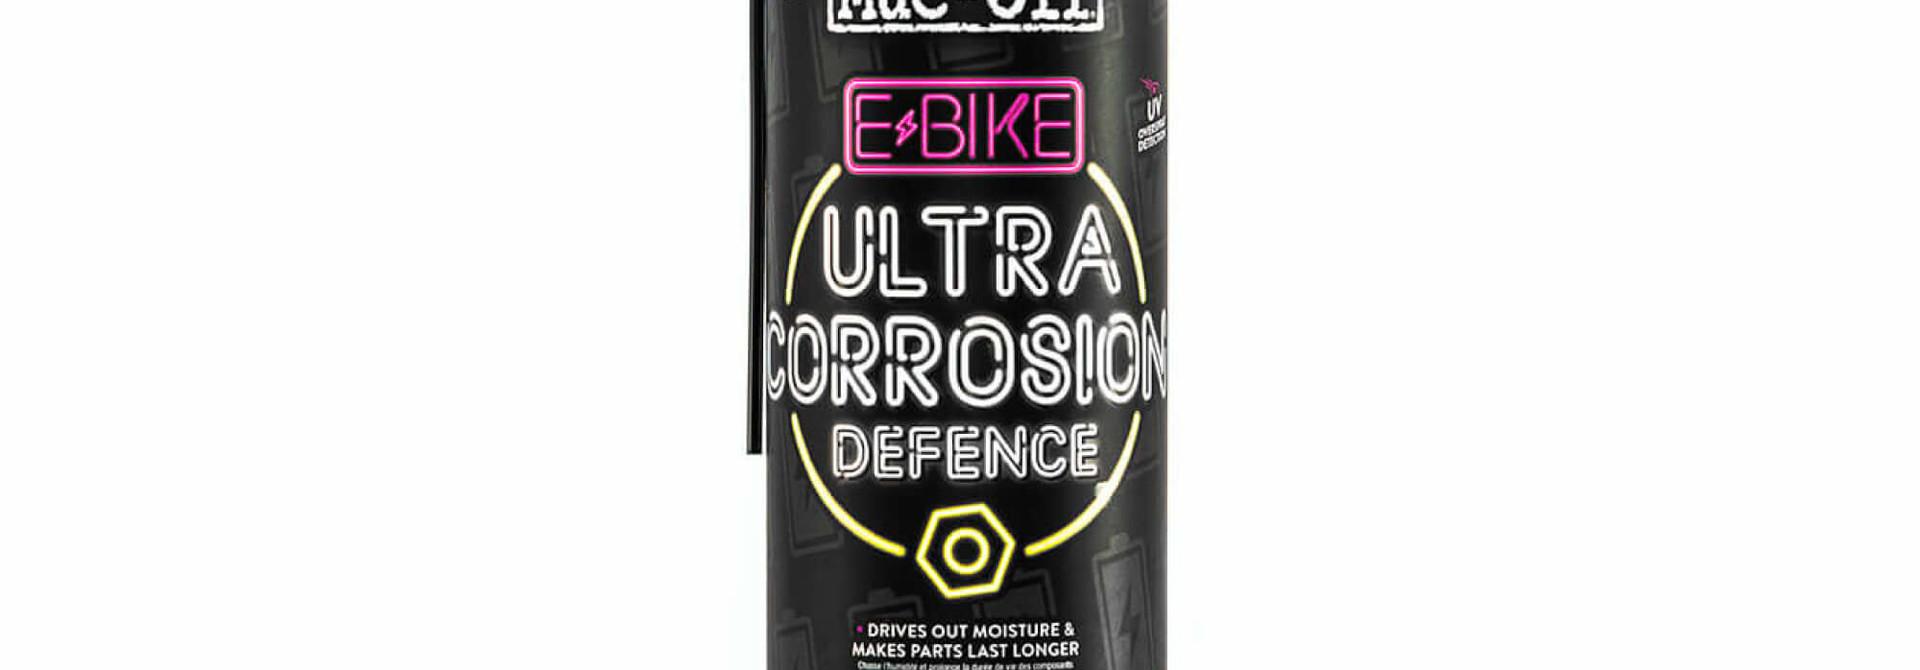 eBikeCorrosionDefence 485ml